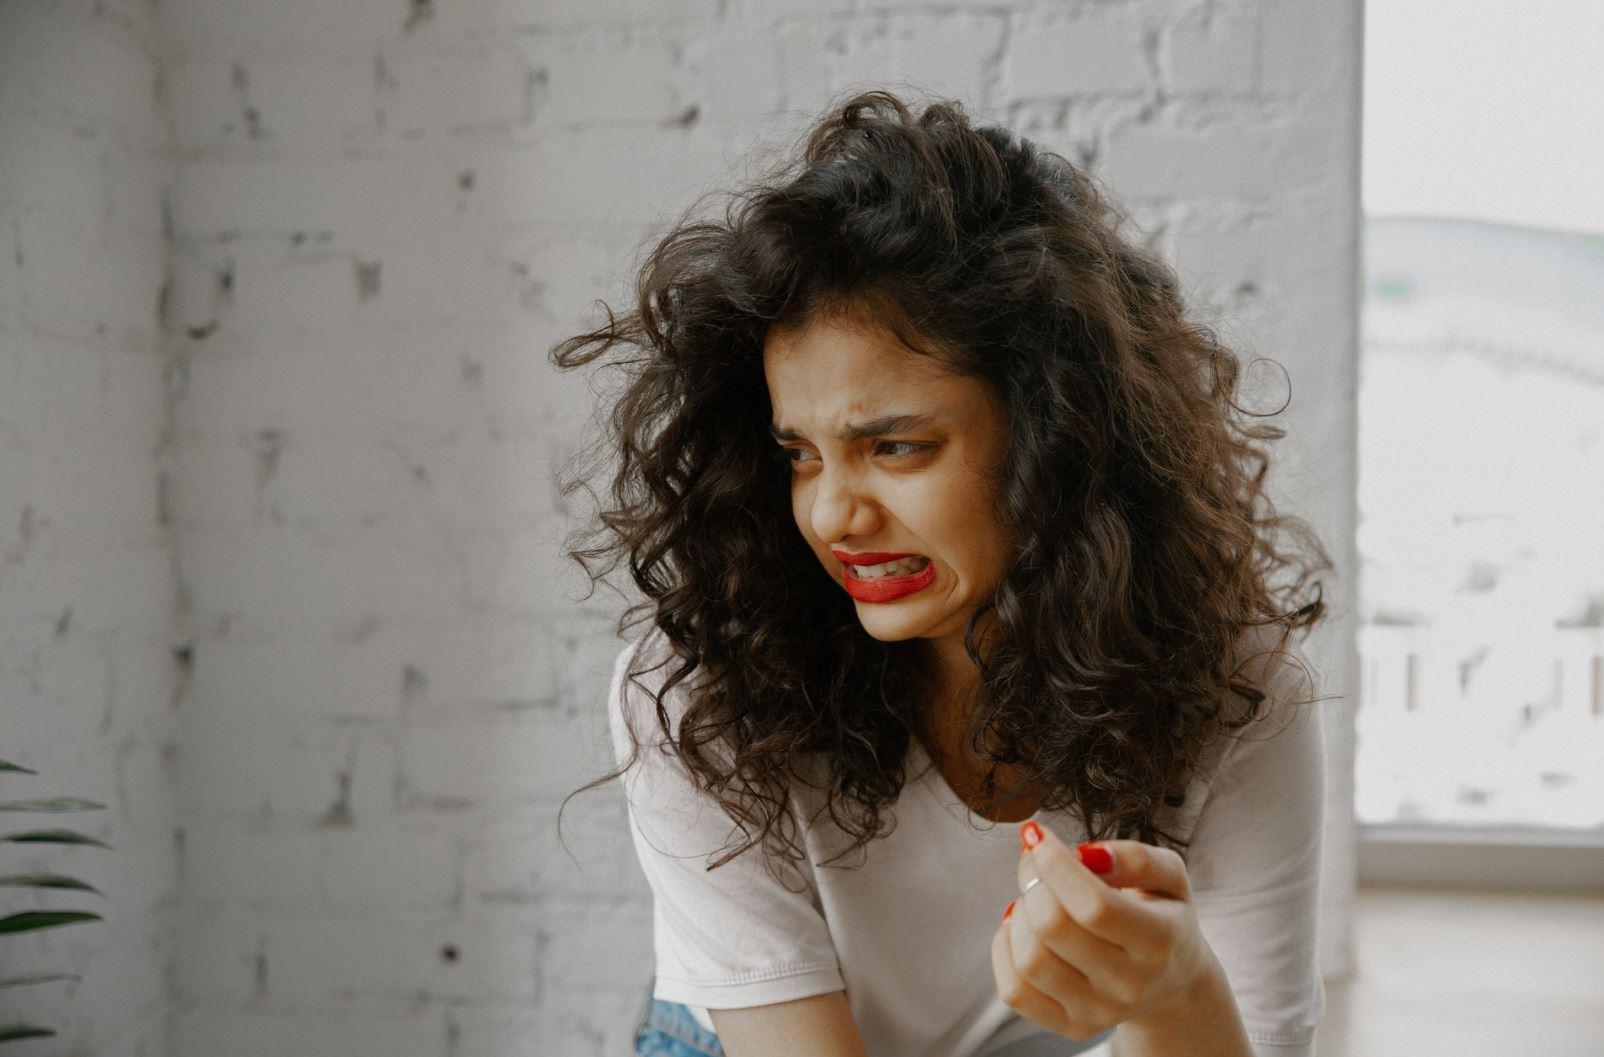 A friss lehelet titkai - 7 tipp, hogy megszabadulj a szájszagtól